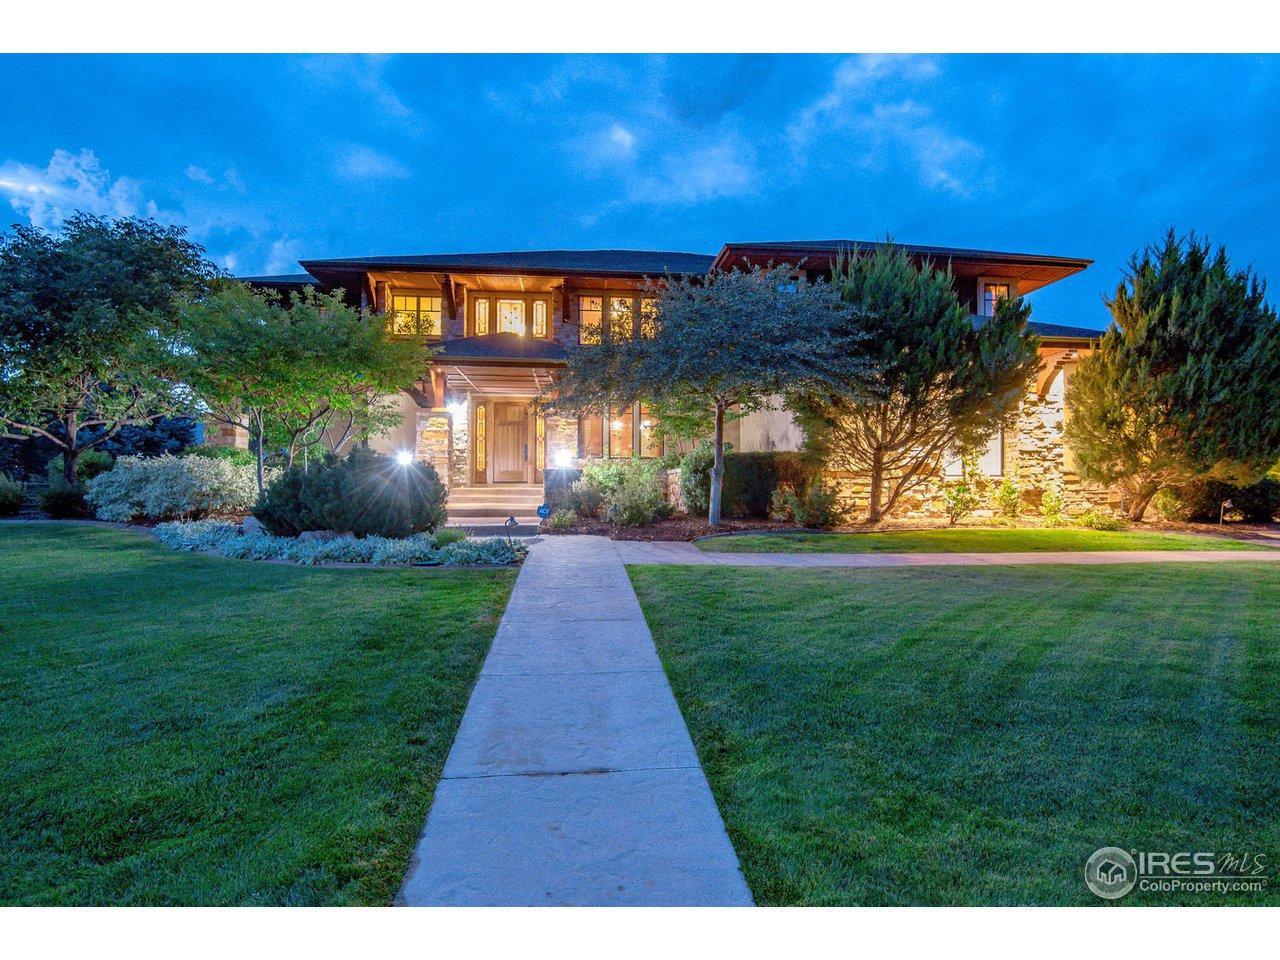 8115 Golden Eagle Rd, Fort Collins CO 80528